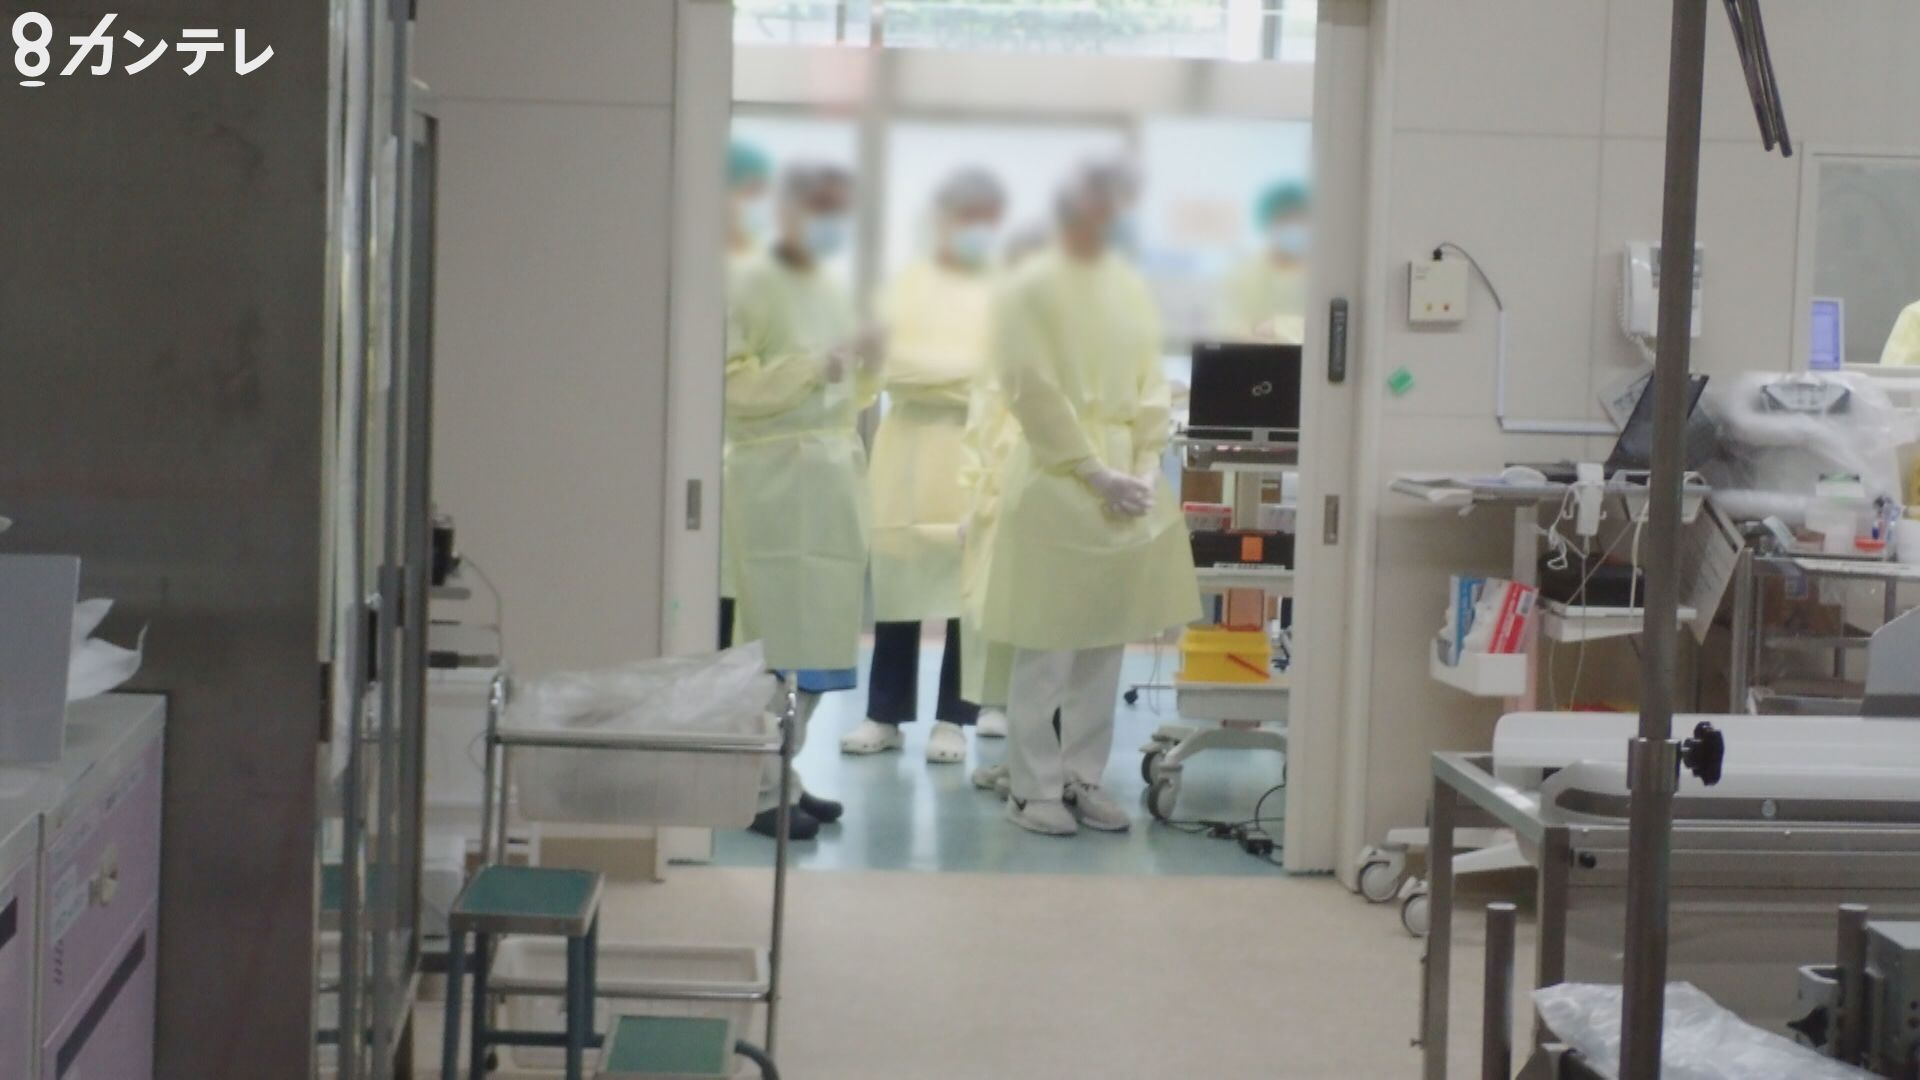 恐れるのは「2つの医療崩壊」…脳卒中や心筋梗塞に対する救急医療が、十分にできなくなる恐れも 病院が内部映像を公開